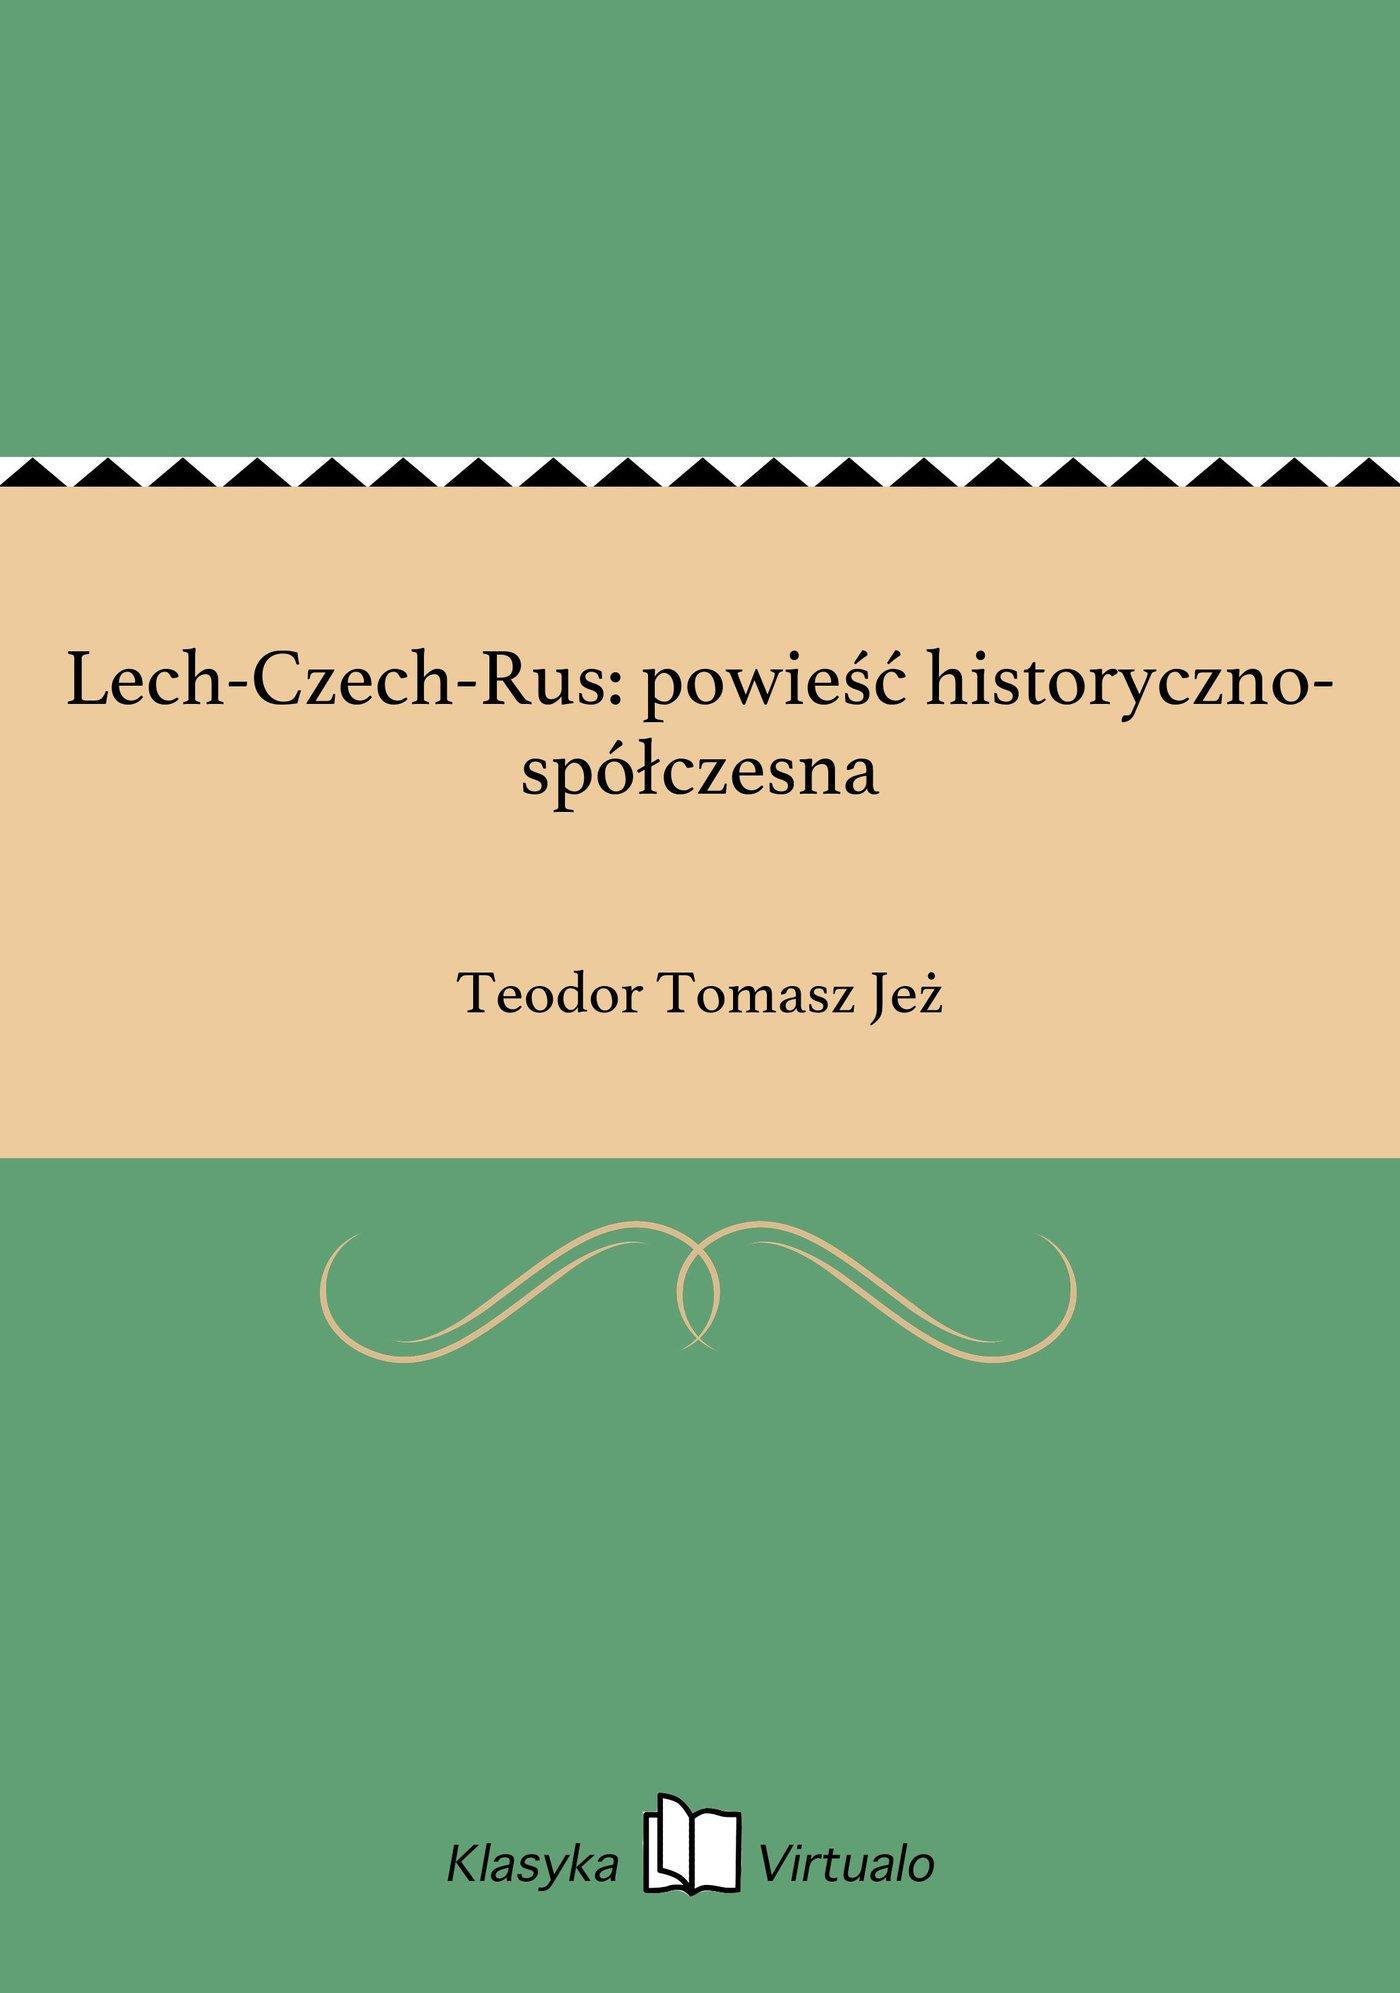 Lech-Czech-Rus: powieść historyczno-spółczesna - Ebook (Książka EPUB) do pobrania w formacie EPUB